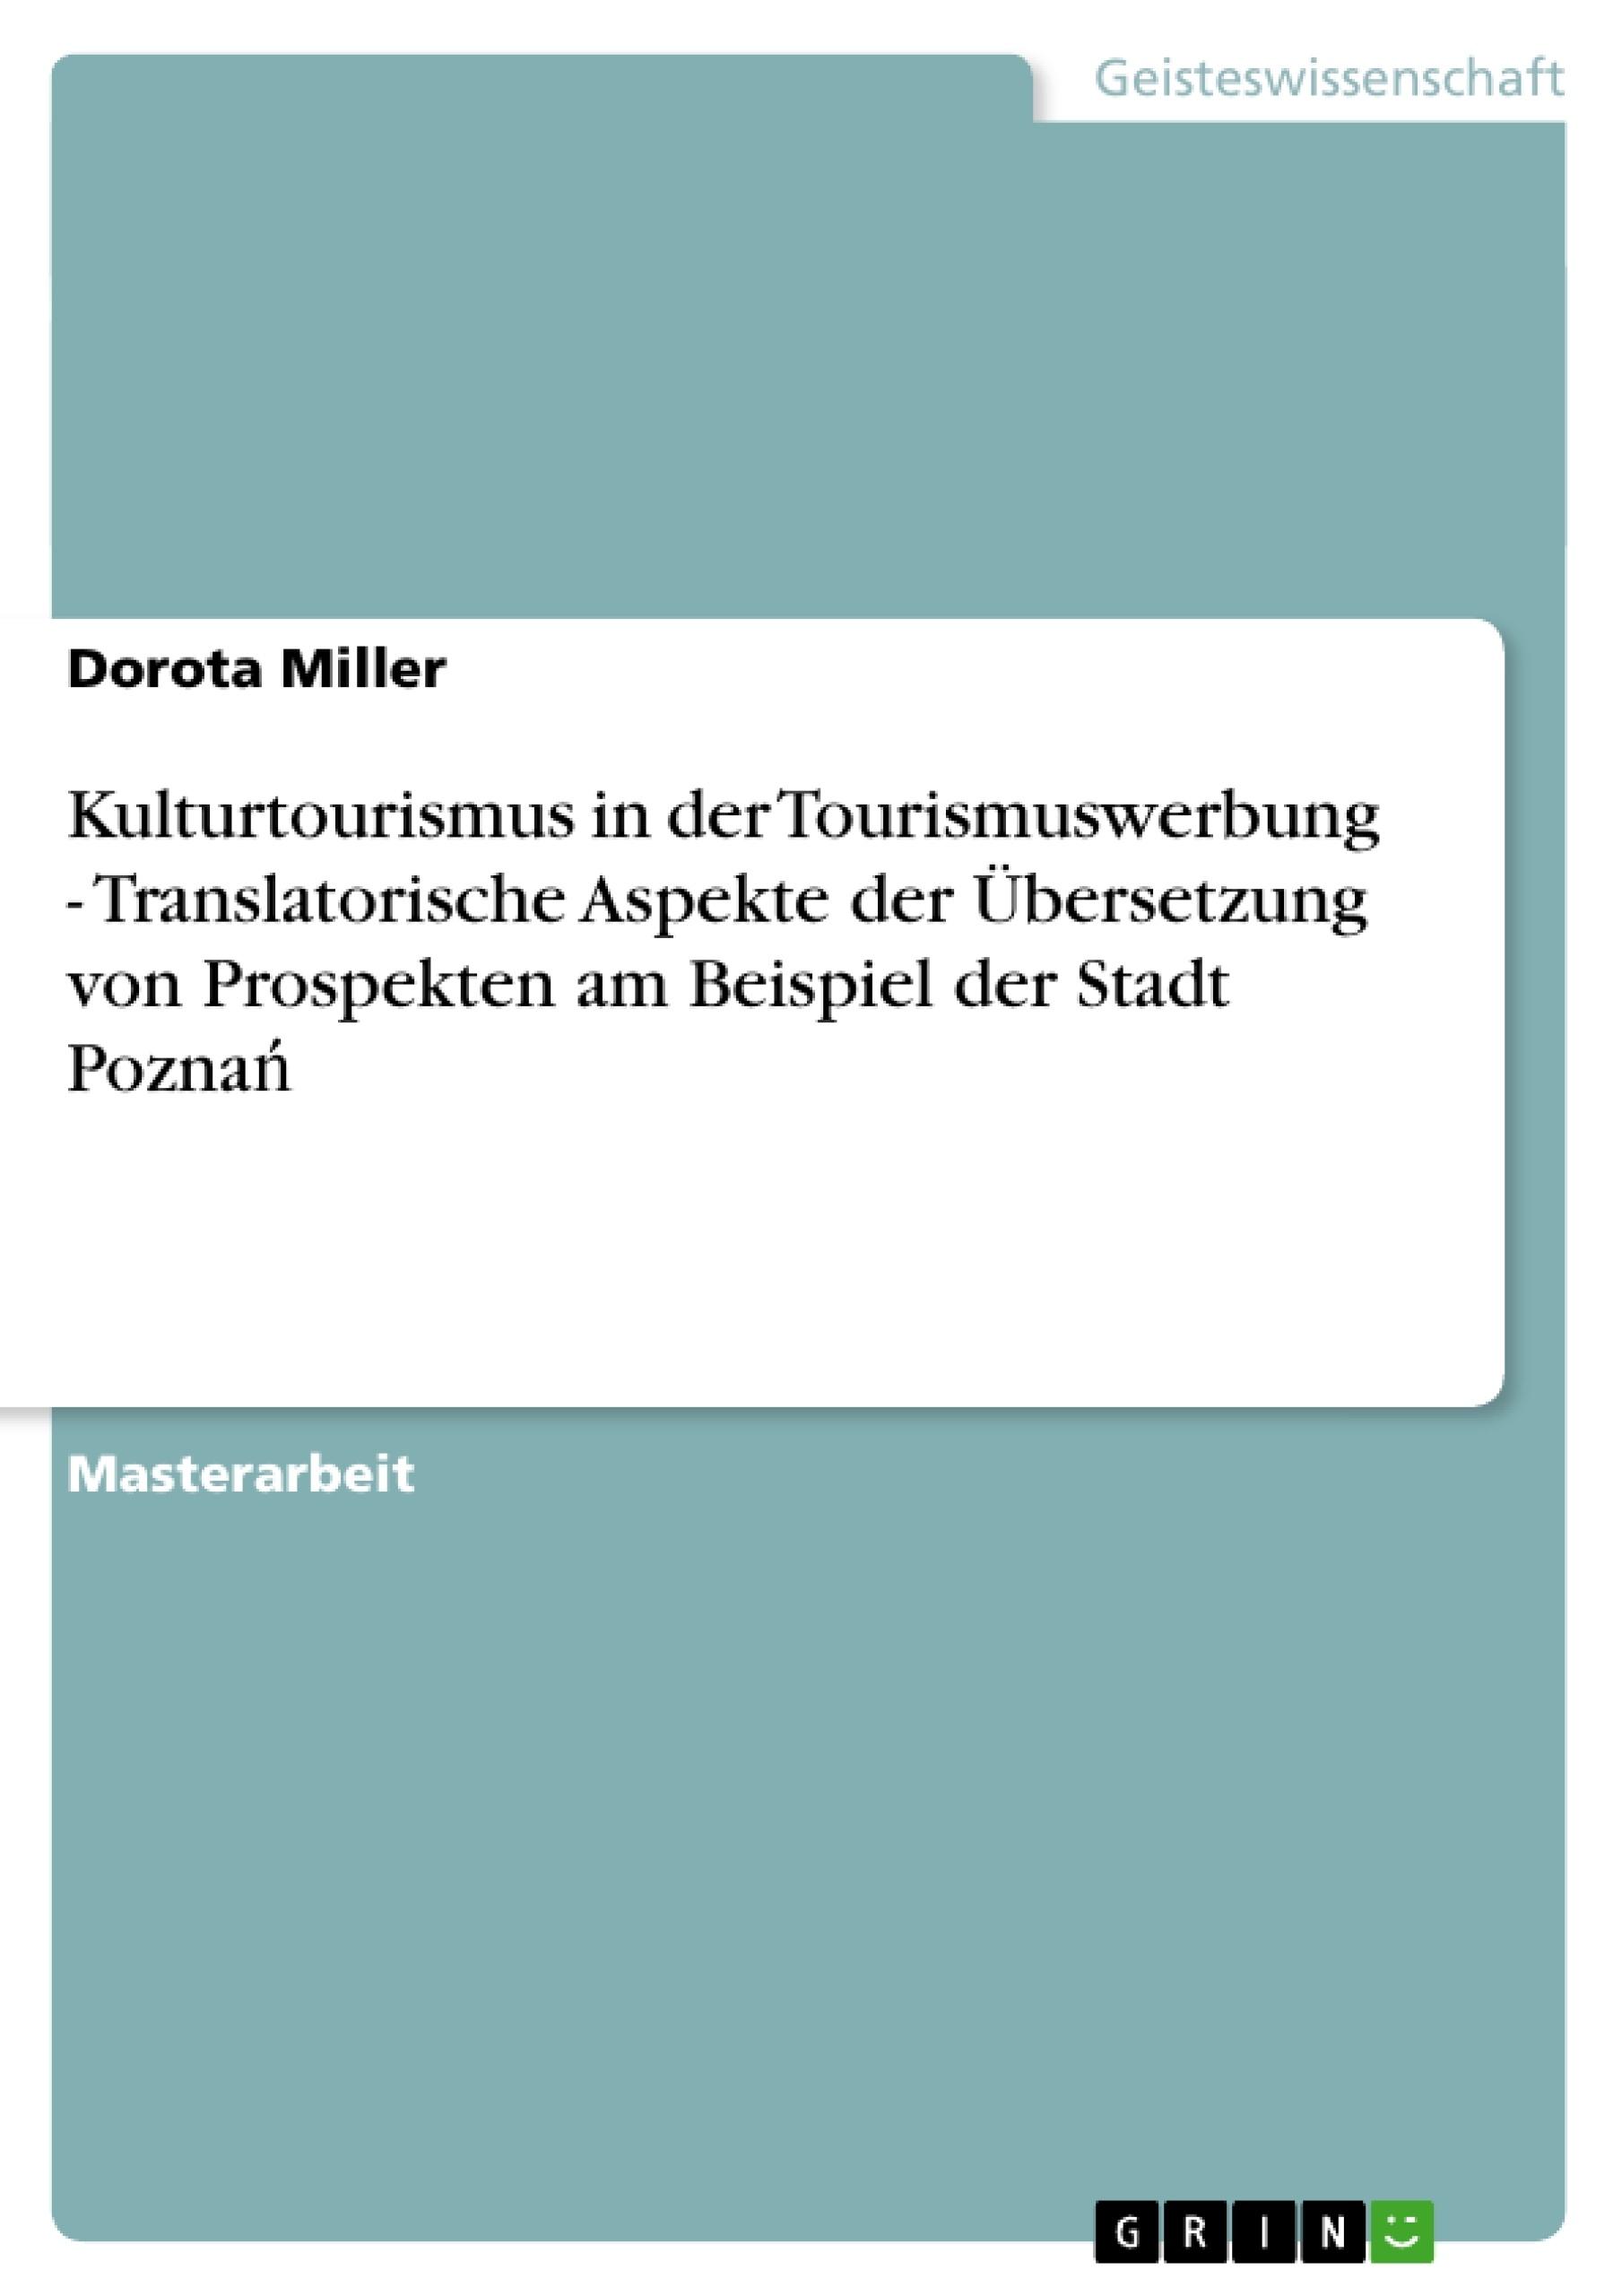 Titel: Kulturtourismus in der Tourismuswerbung - Translatorische Aspekte der Übersetzung von Prospekten am Beispiel der Stadt  Poznań